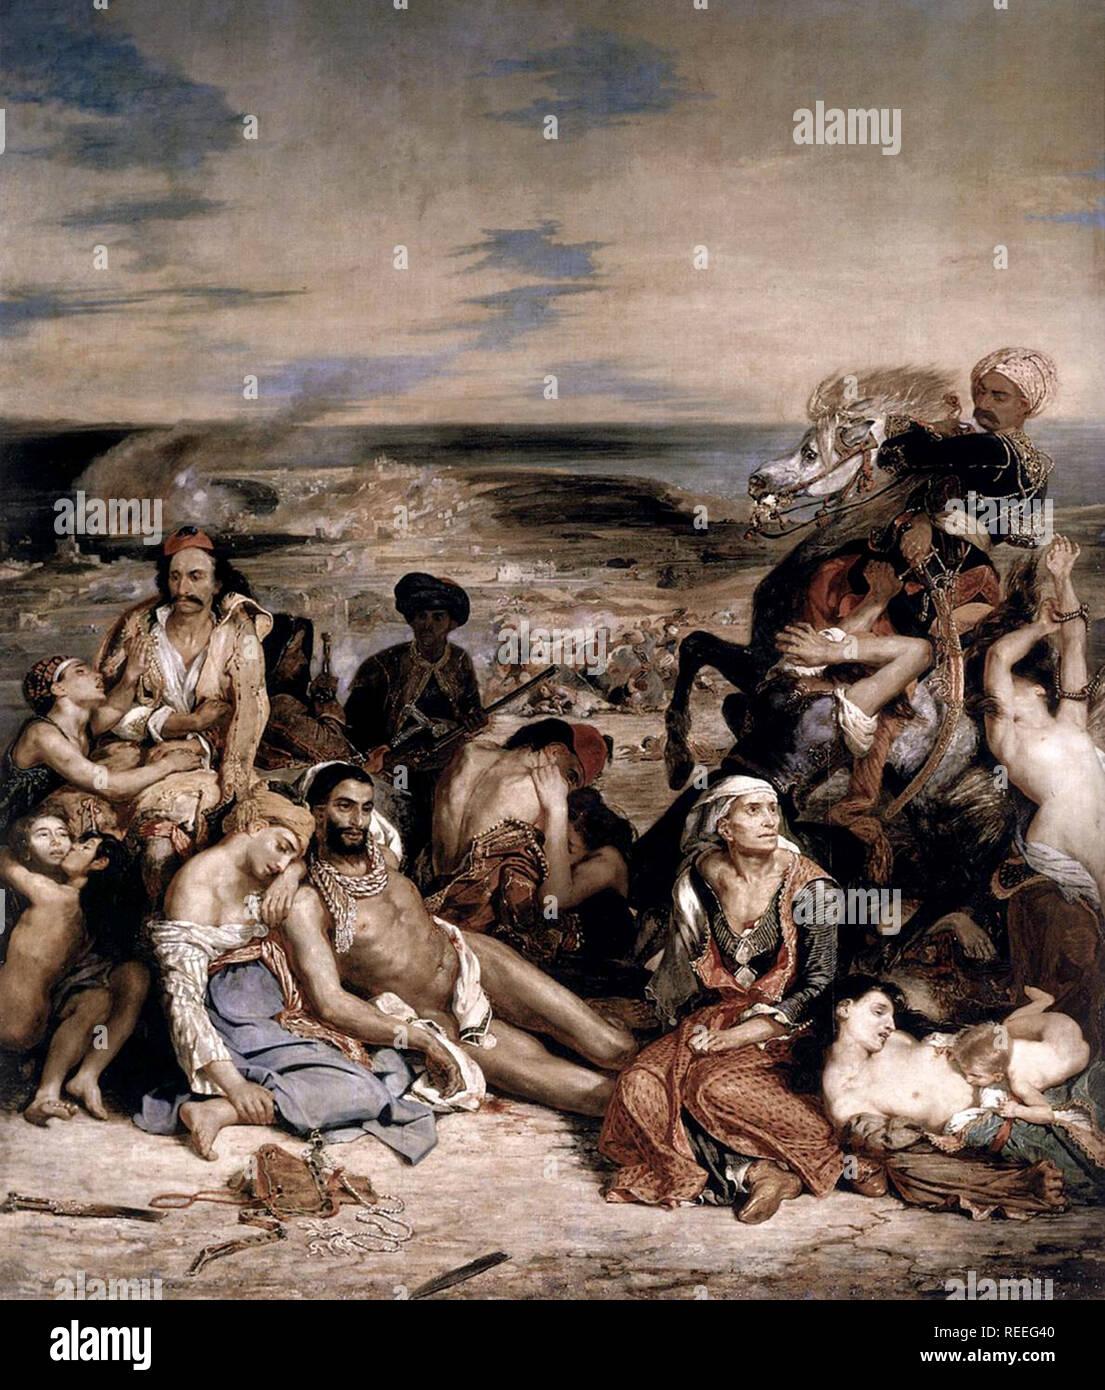 La masacre de Chios por Eugène Delacroix representa un ataque militar contra los habitantes de Chios por fuerzas Otomanas el 11 de abril de 1822 Foto de stock